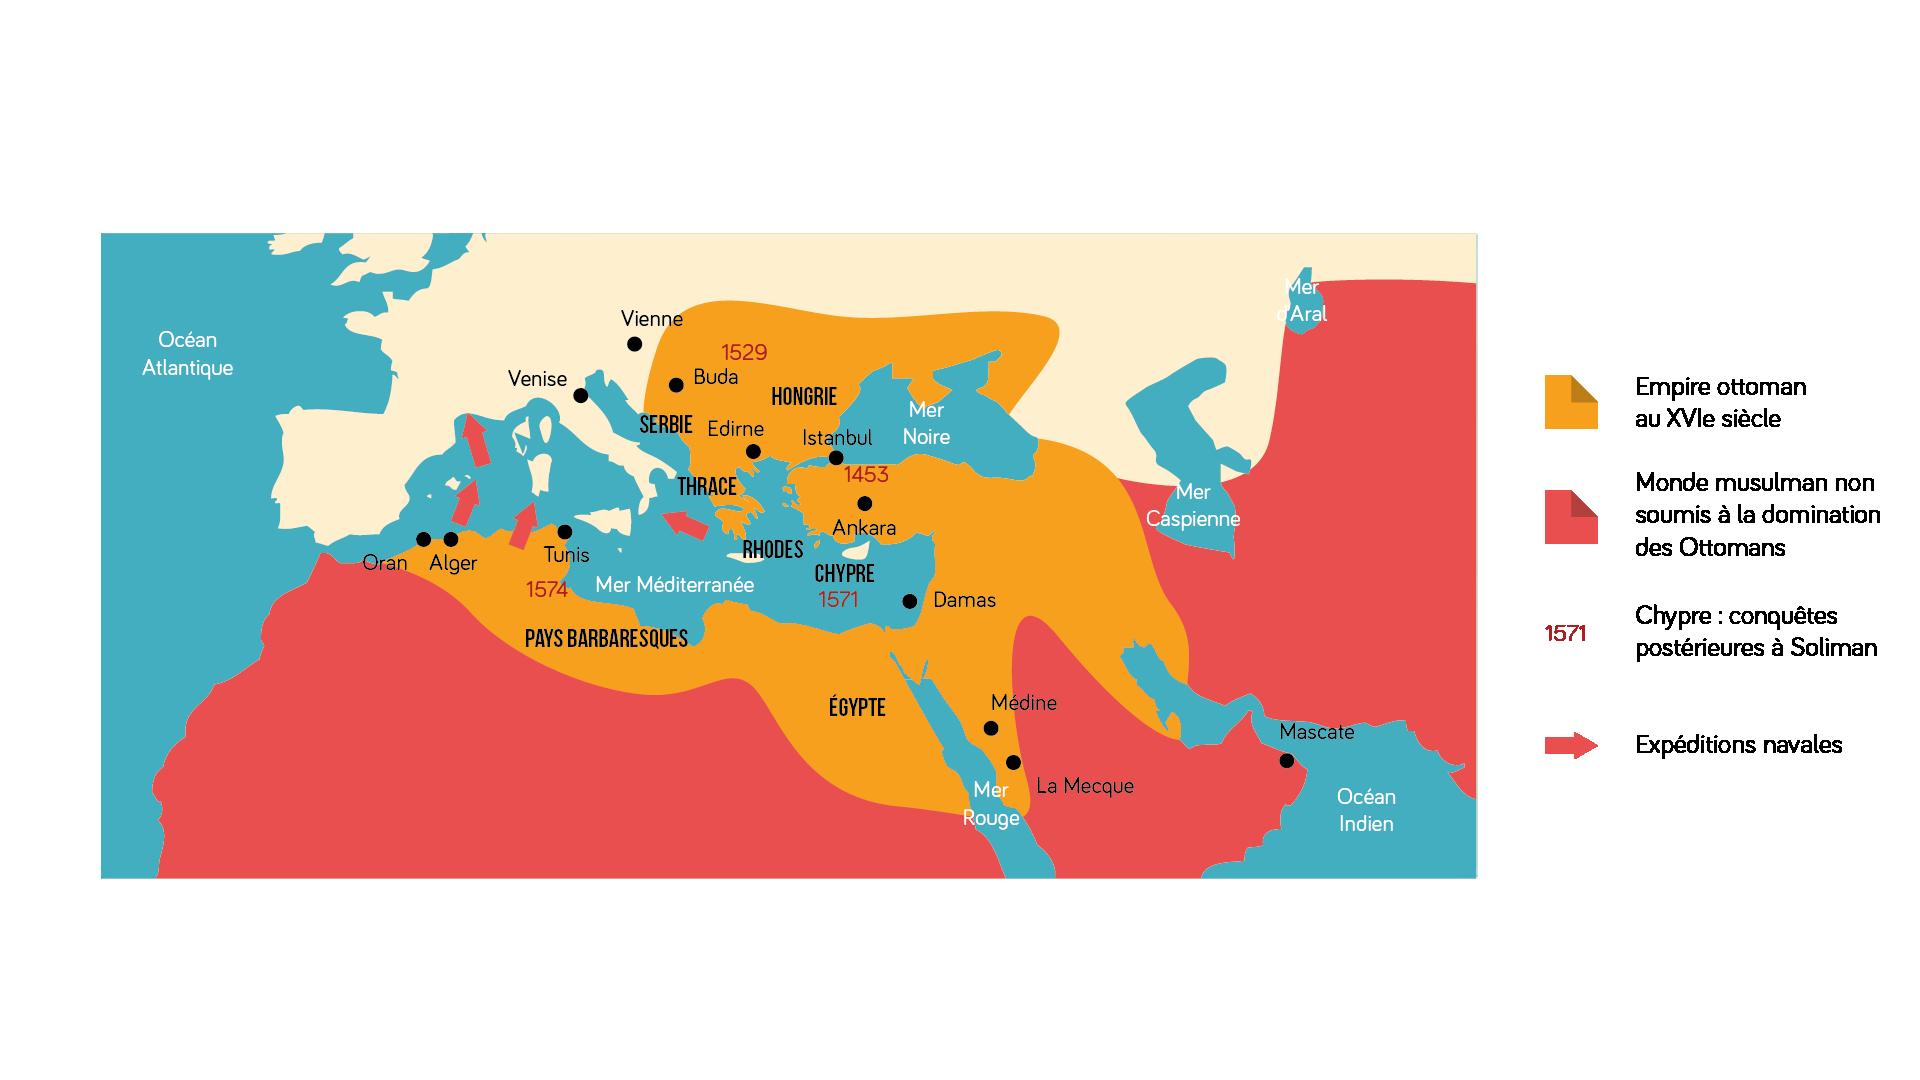 L'empire ottoman au XVI<sup>e</sup>&nbsp;siècle